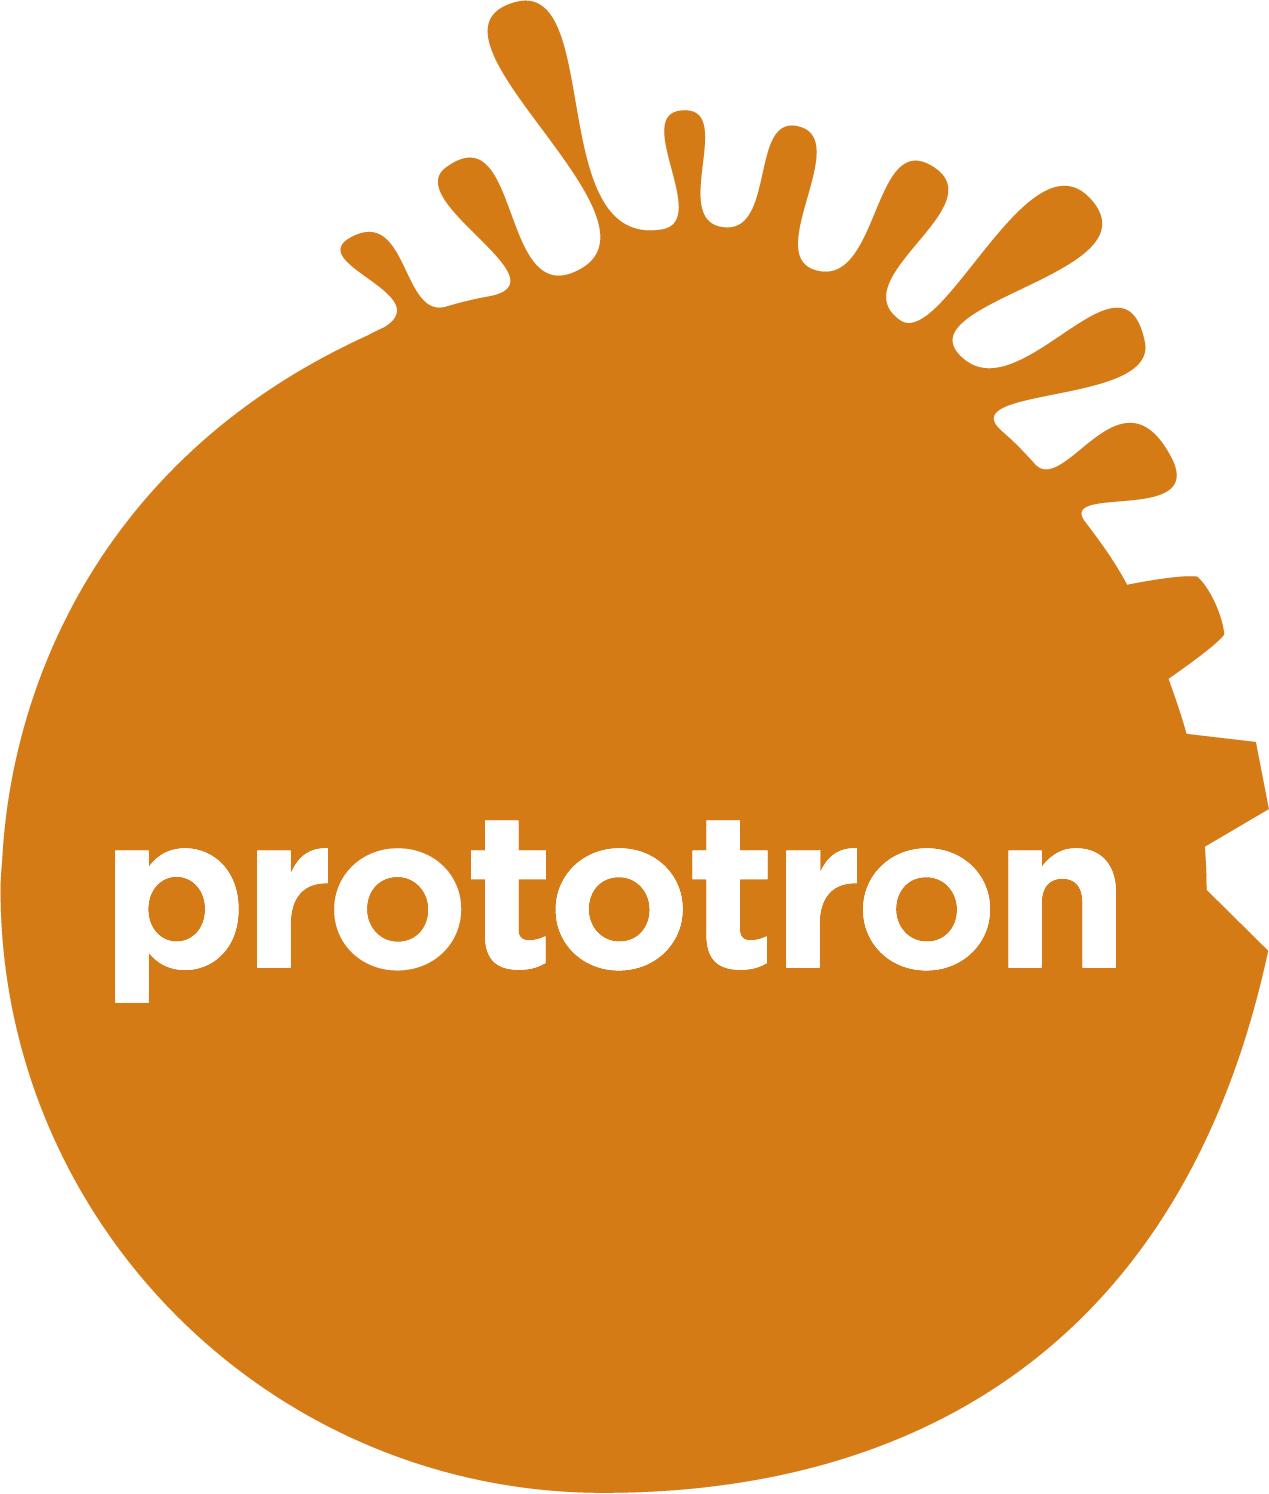 Prototron logo